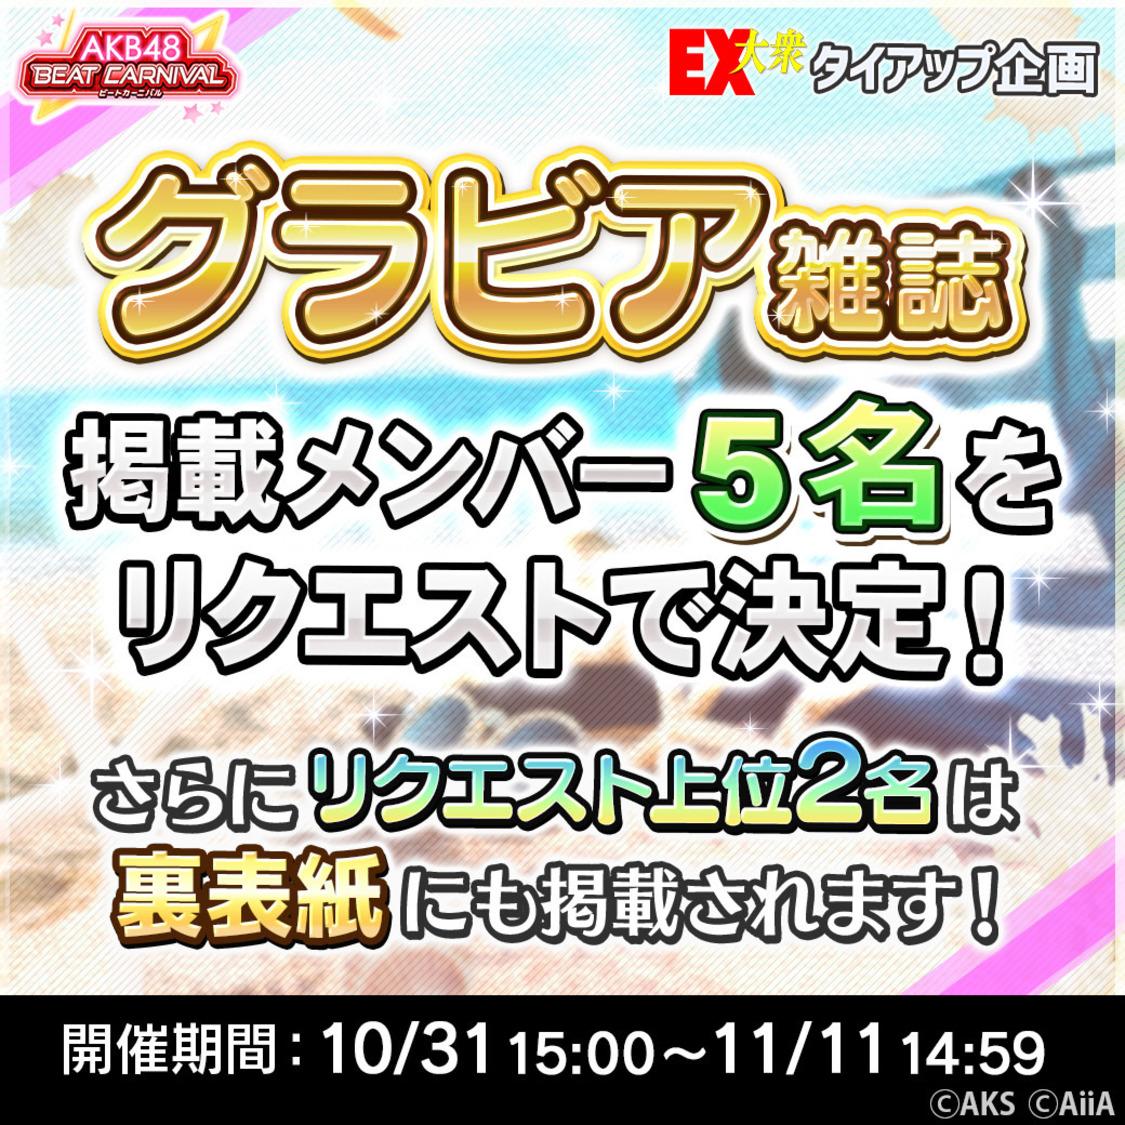 AKB48ビートカーニバル×EX大衆、タイアップ企画スタート+ユーザーリクエストでグラビア撮影メンバー5名を決定!